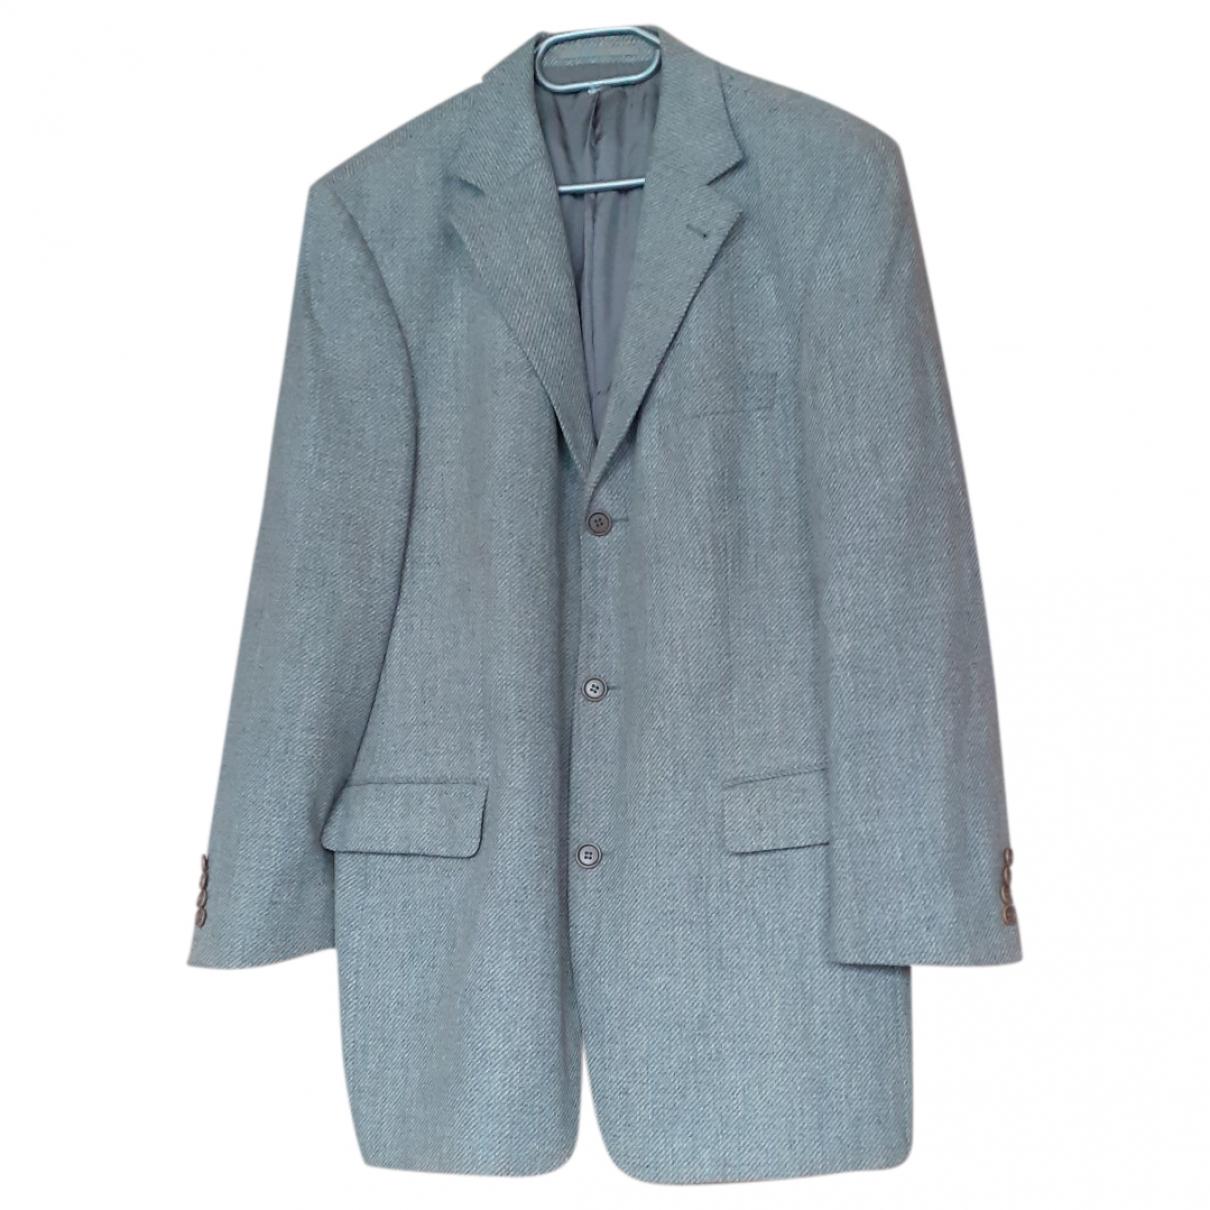 Boss - Vestes.Blousons   pour homme en laine - gris